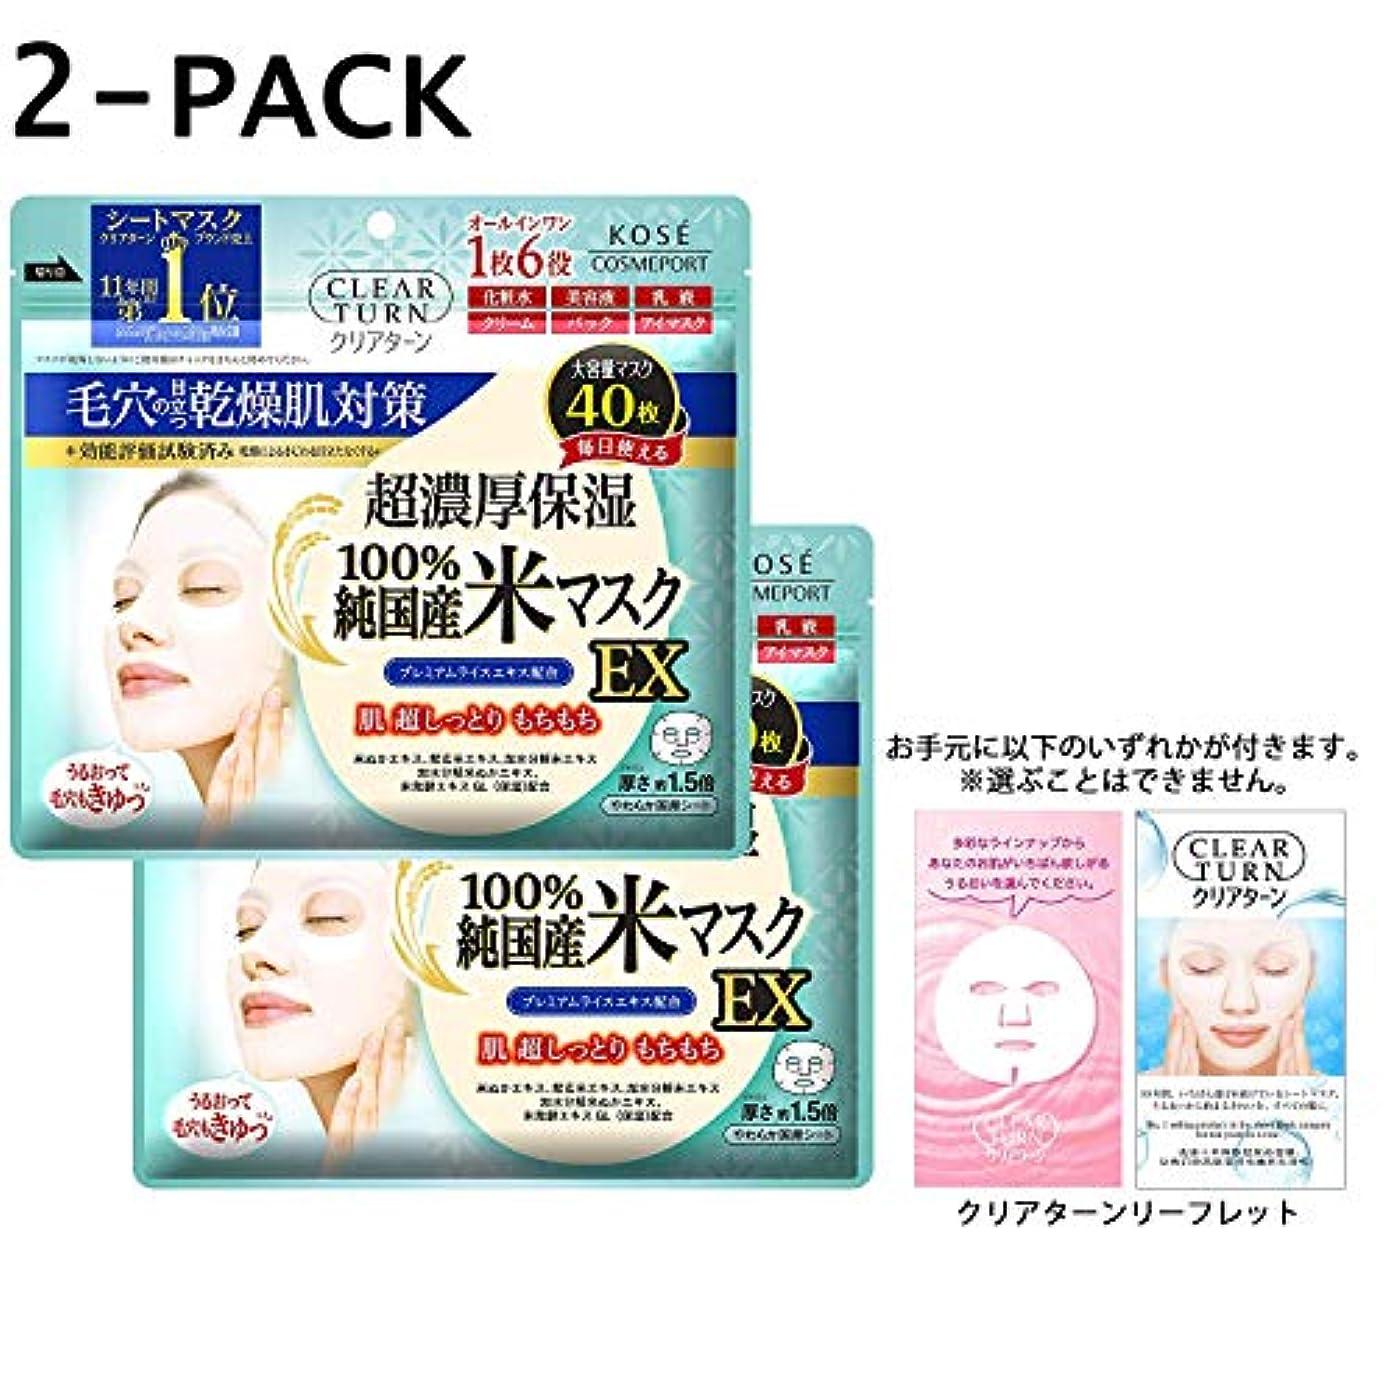 従う摂氏やさしく【Amazon.co.jp限定】KOSE クリアターン 純国産米マスク EX 40枚入 2P+リーフレット付き